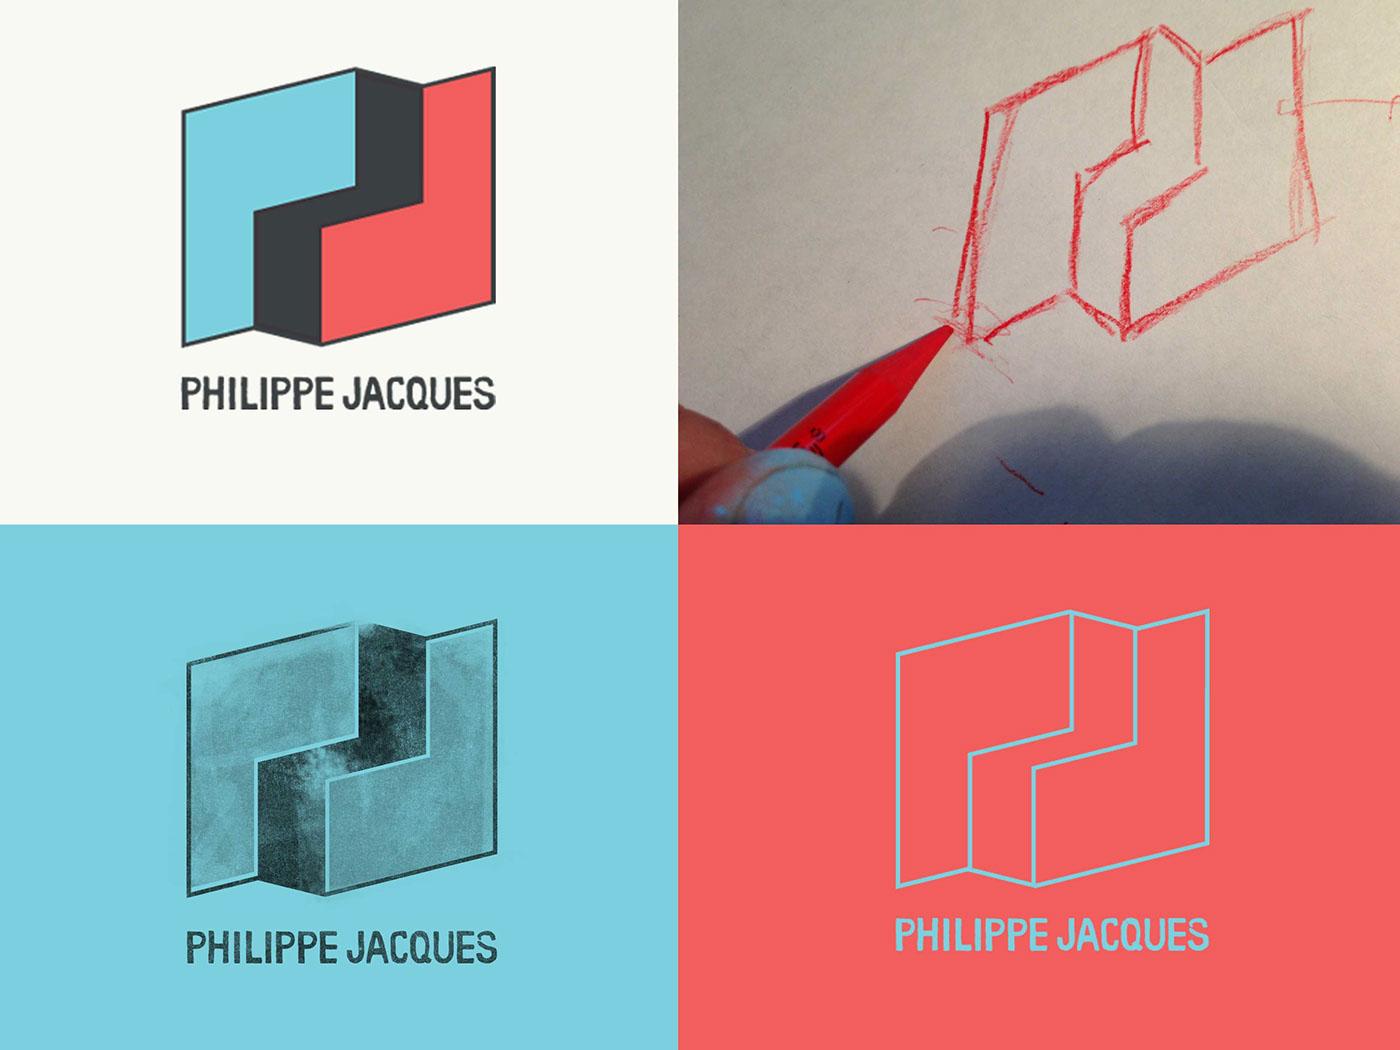 Philippe Jacques identity logo